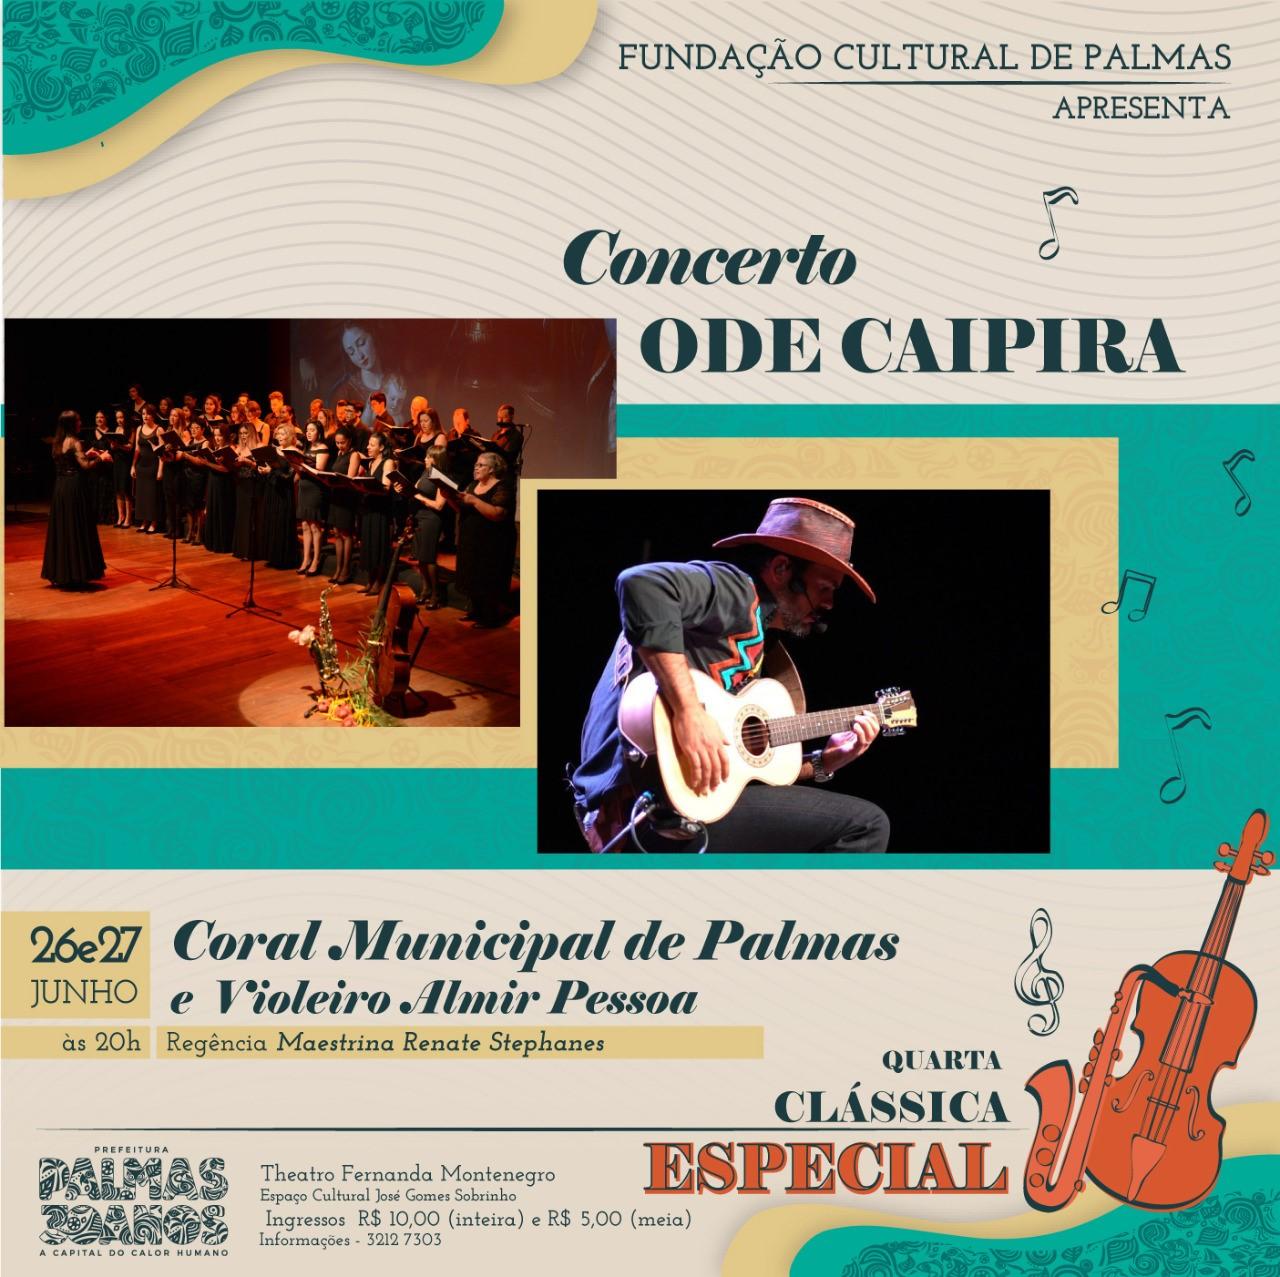 Quarta Clássica Especial apresenta Concerto Ode Caipira nos dias 26 e 27 de junho